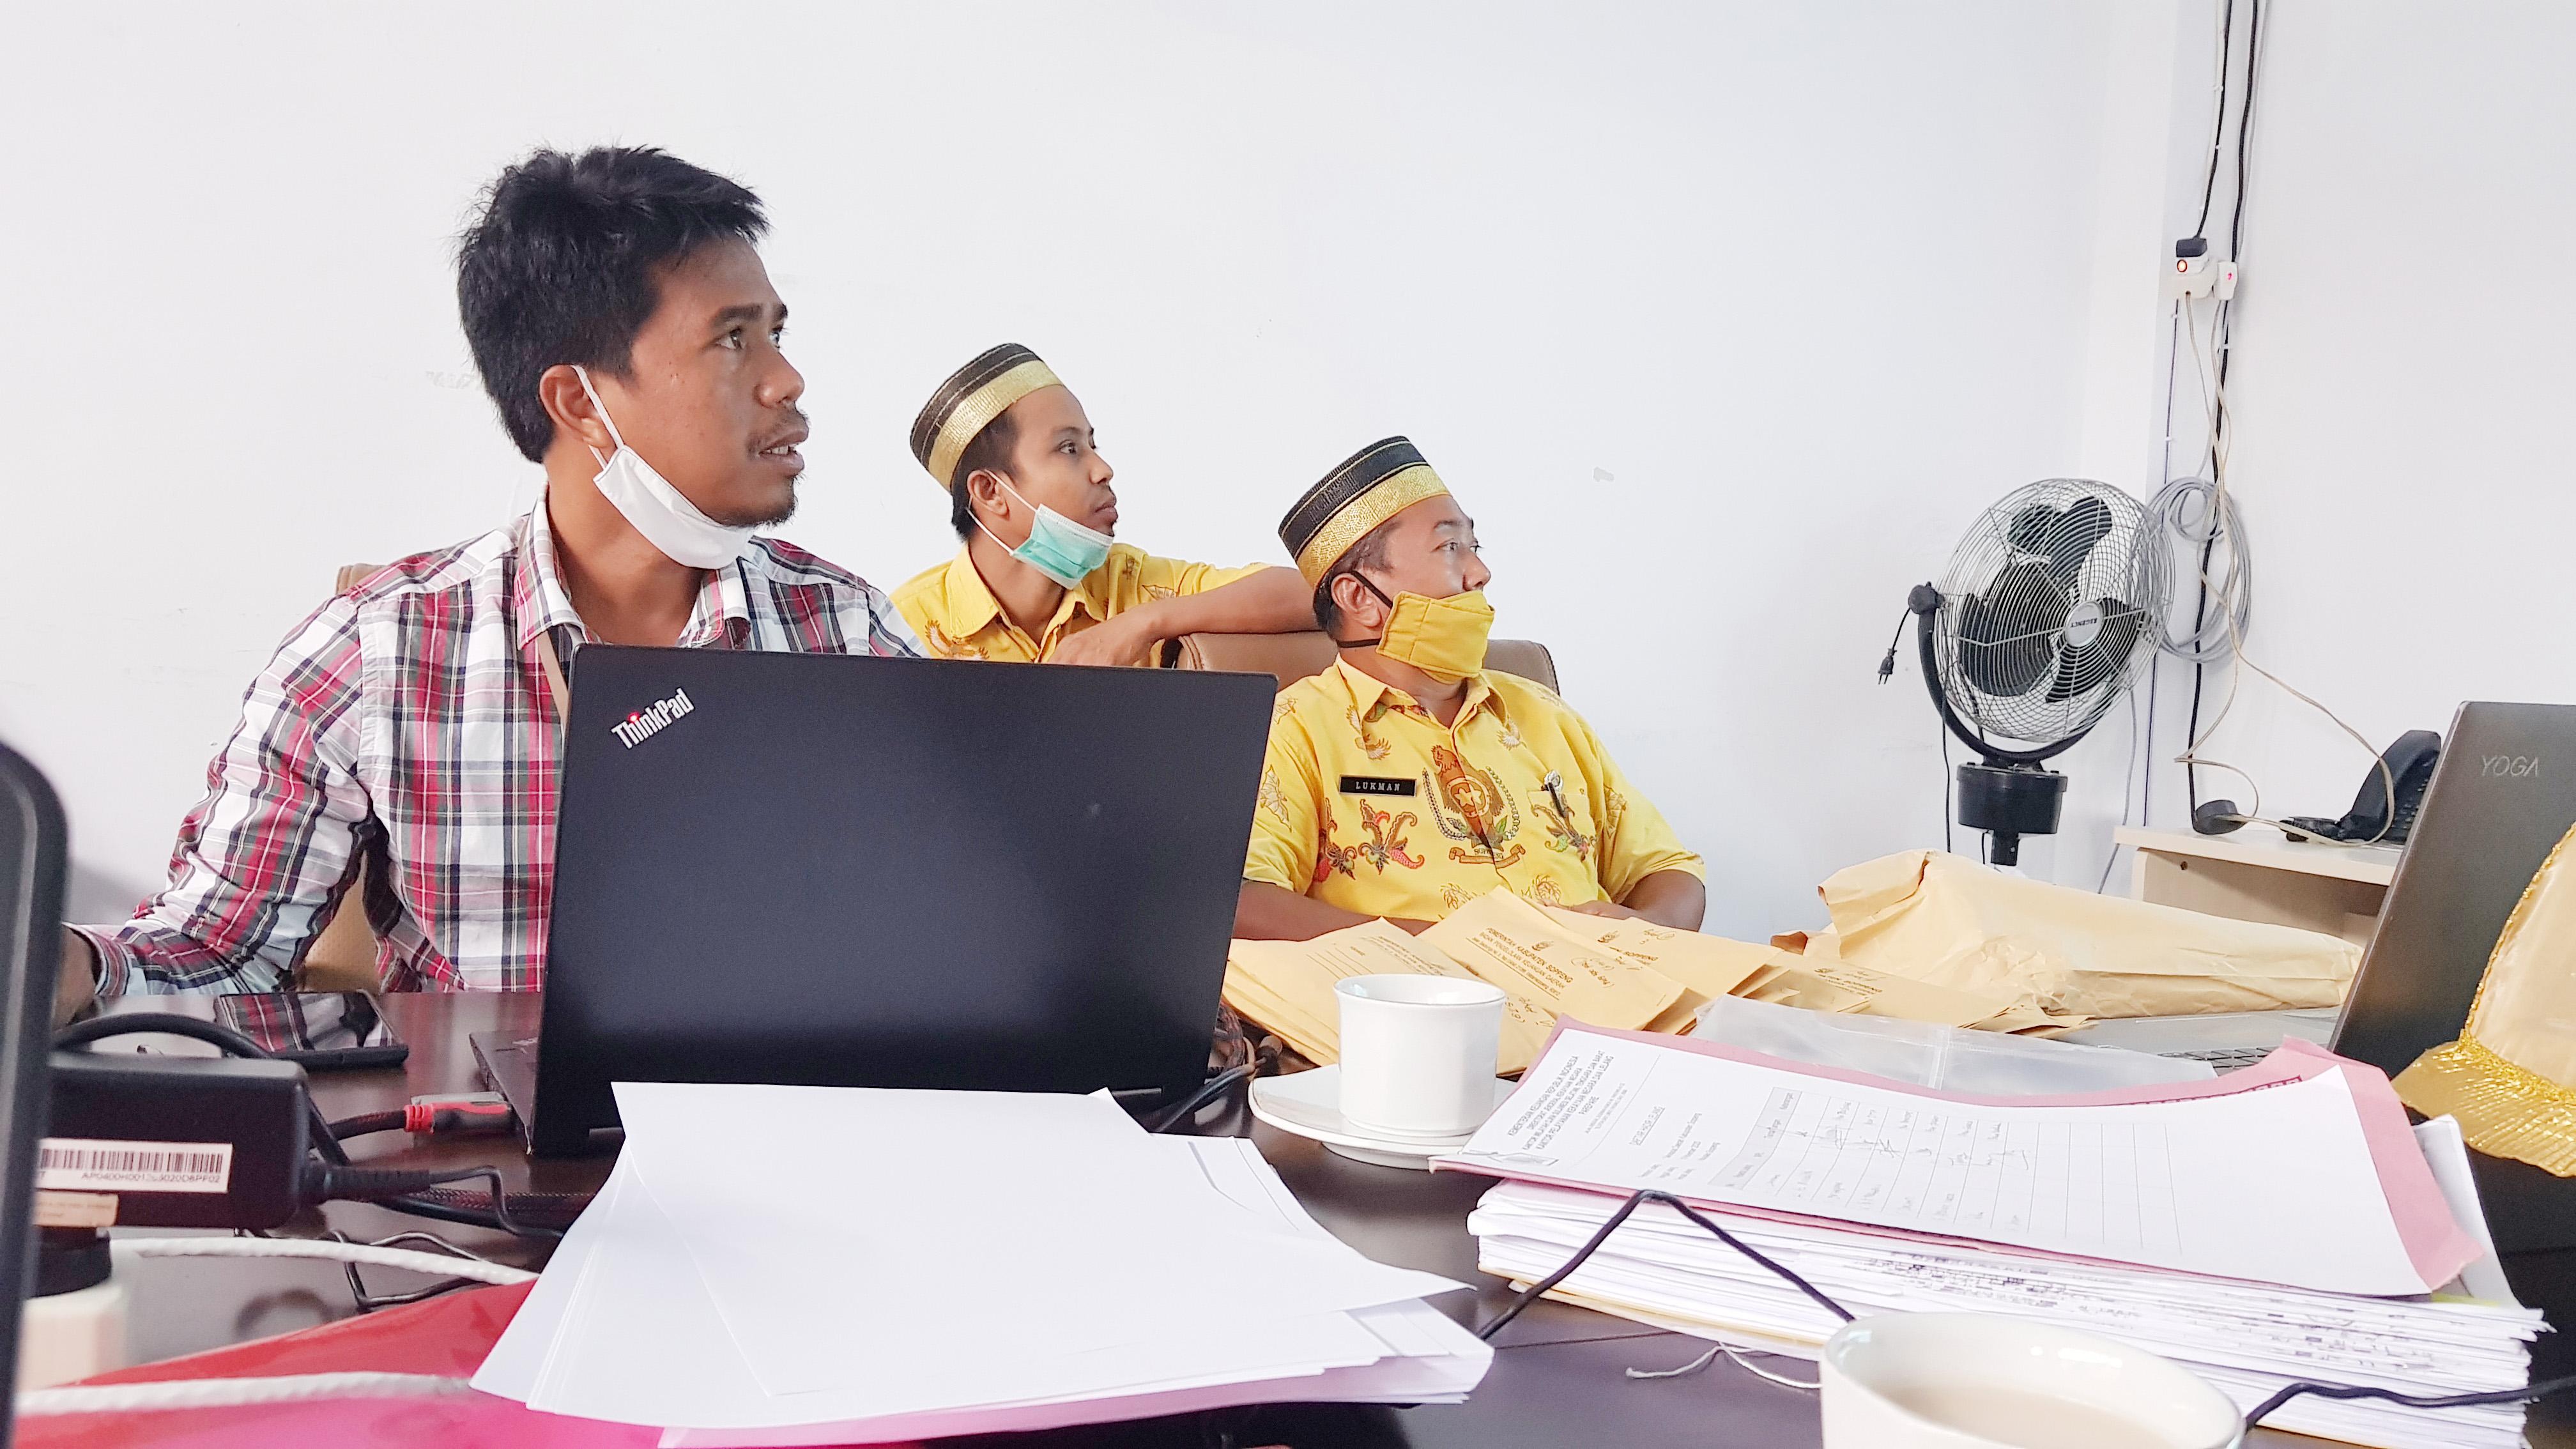 Kembali Menggandeng Pemerintah Daerah, KPKNL Parepare Sukses Laksanakan Lelang Bersama Pemerintah Daerah Kabupaten Soppeng